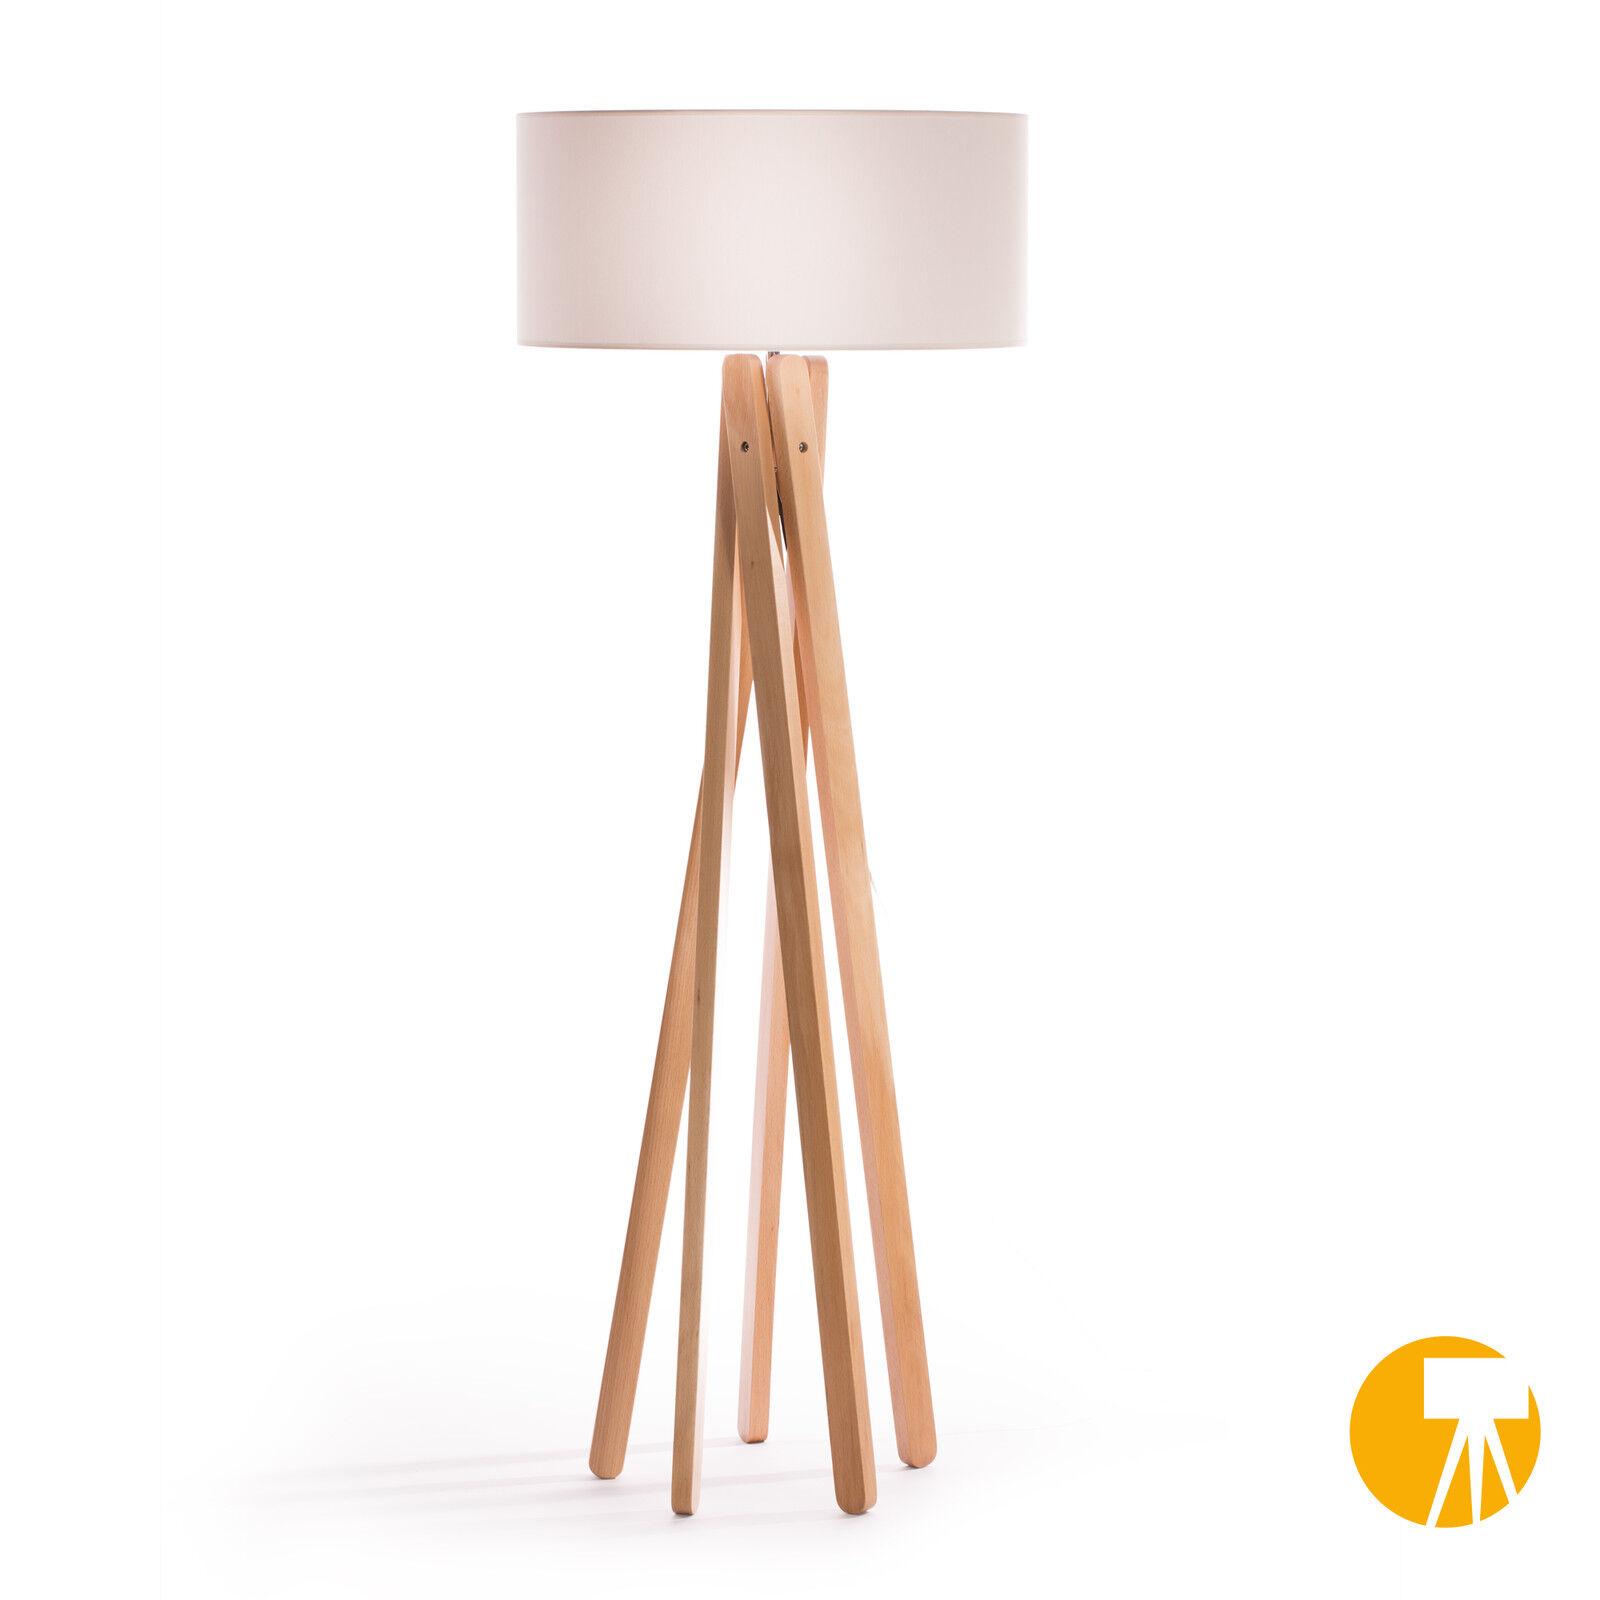 Design Lampadaire H trépied Lampe Hêtre Bois Lampe H Lampadaire = 160cm trépied Lampadaire Blanc 4abb97